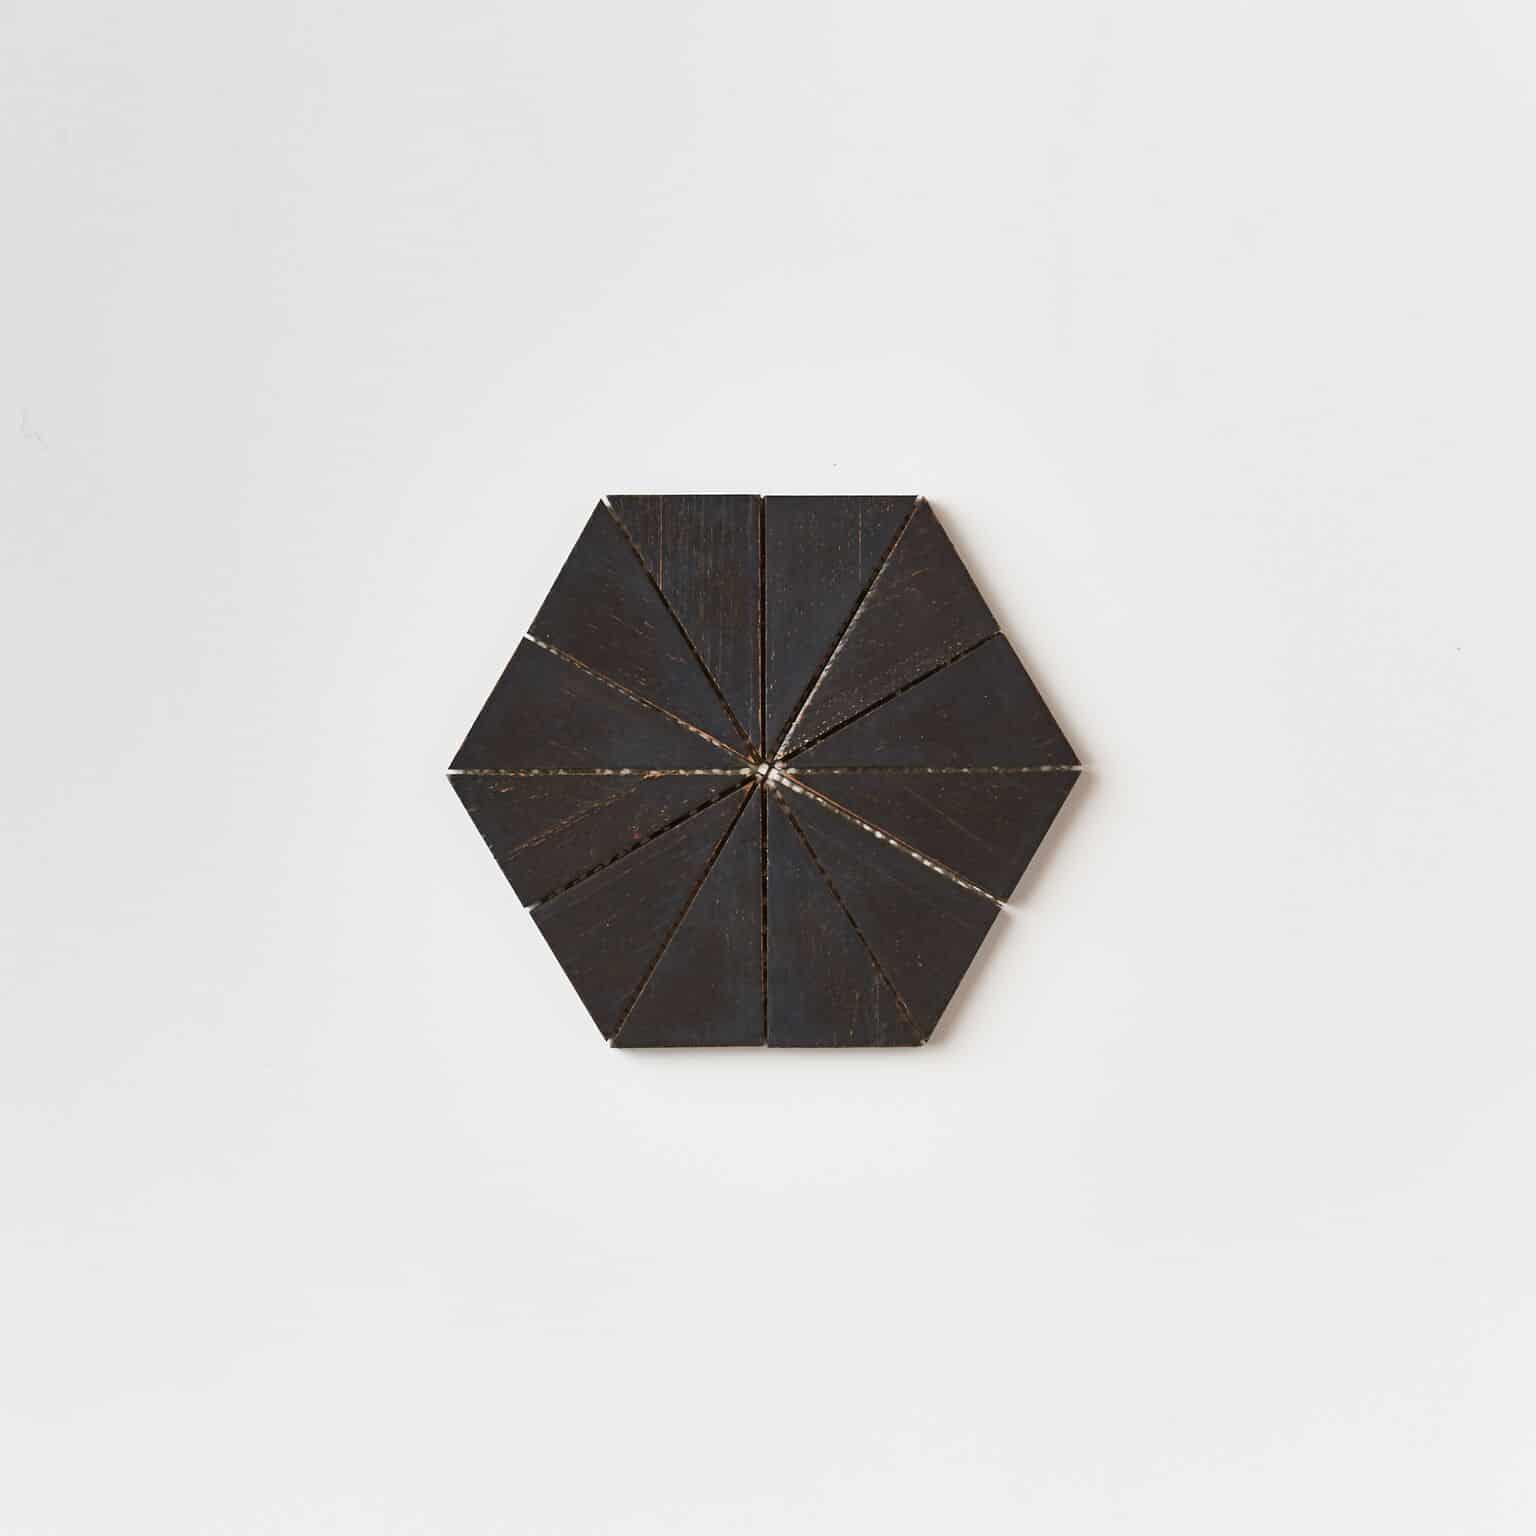 unspecified 34 - Teak Tile - Starburst